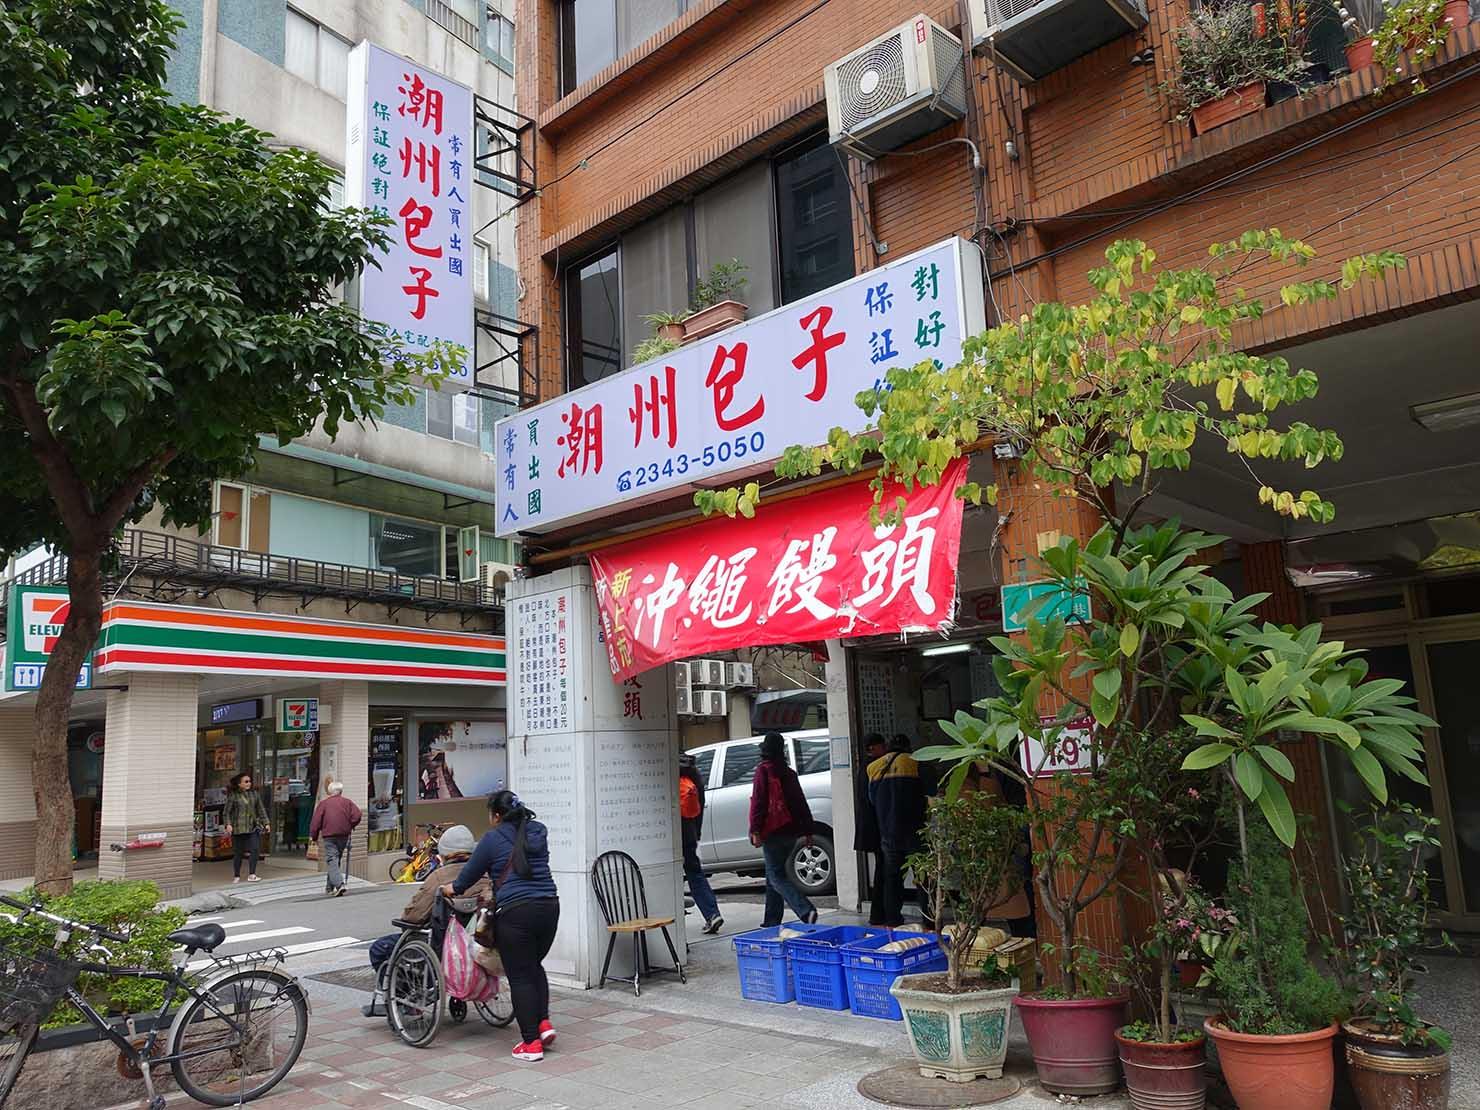 台北・東門エリアのおすすめグルメ店「潮州包子」の外観